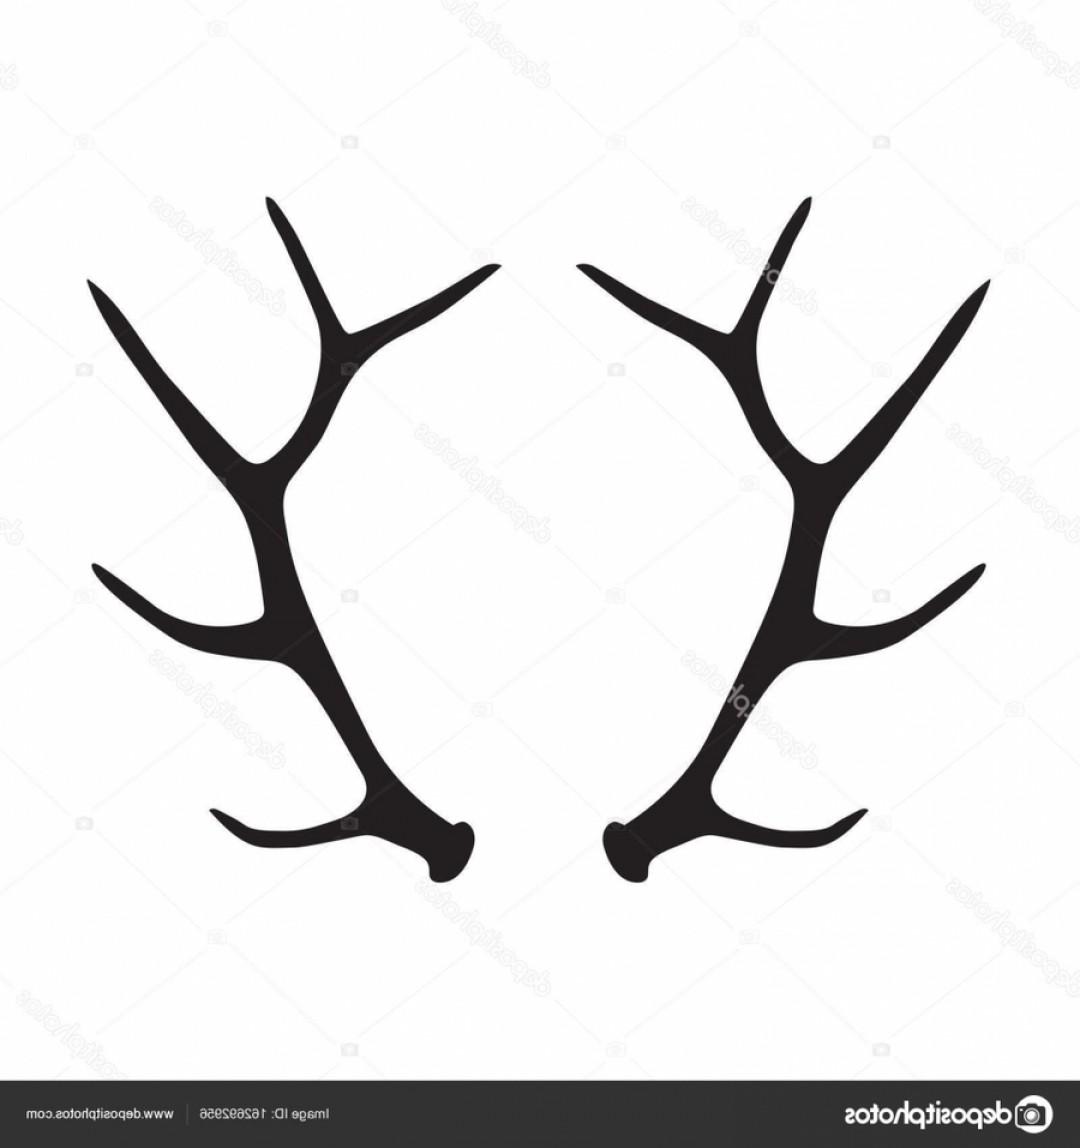 Antlers clipart jpg royalty free library Elk Antler Silhouette Clipart Elk Deer Antler Ydpnu | SOIDERGI jpg royalty free library